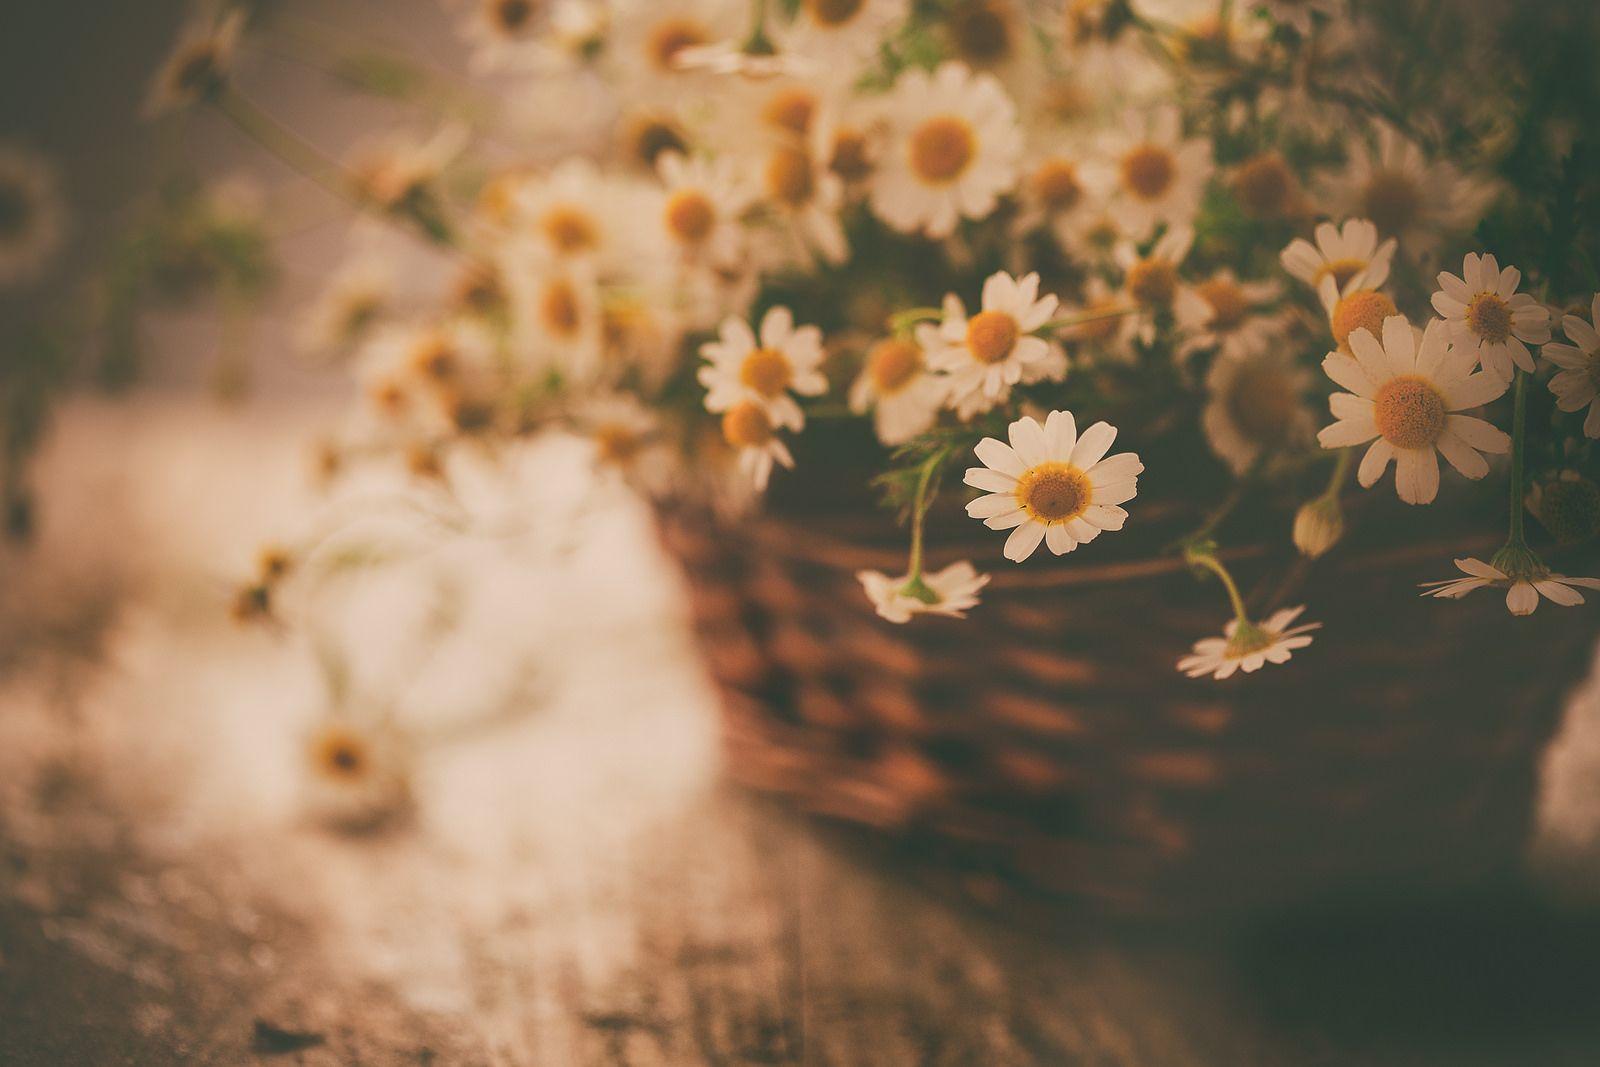 https://flic.kr/p/KyRan3 | Chamomile | Como tú bien has dicho, este año vengo cargada de tesoros... pero lo son por venir llenos de recuerdos de la infancia, como este que te traigo... son manzanillas que iba a buscar de niña, y hacía años que no había vuelto a ver... las tengo un especial cariño... y con ellas te deseo todo lo mejor para este y todos los días, disfruta mucho con los tuyos y un besazo lleno de cariño, Rosa!!!! mmmmmmuac